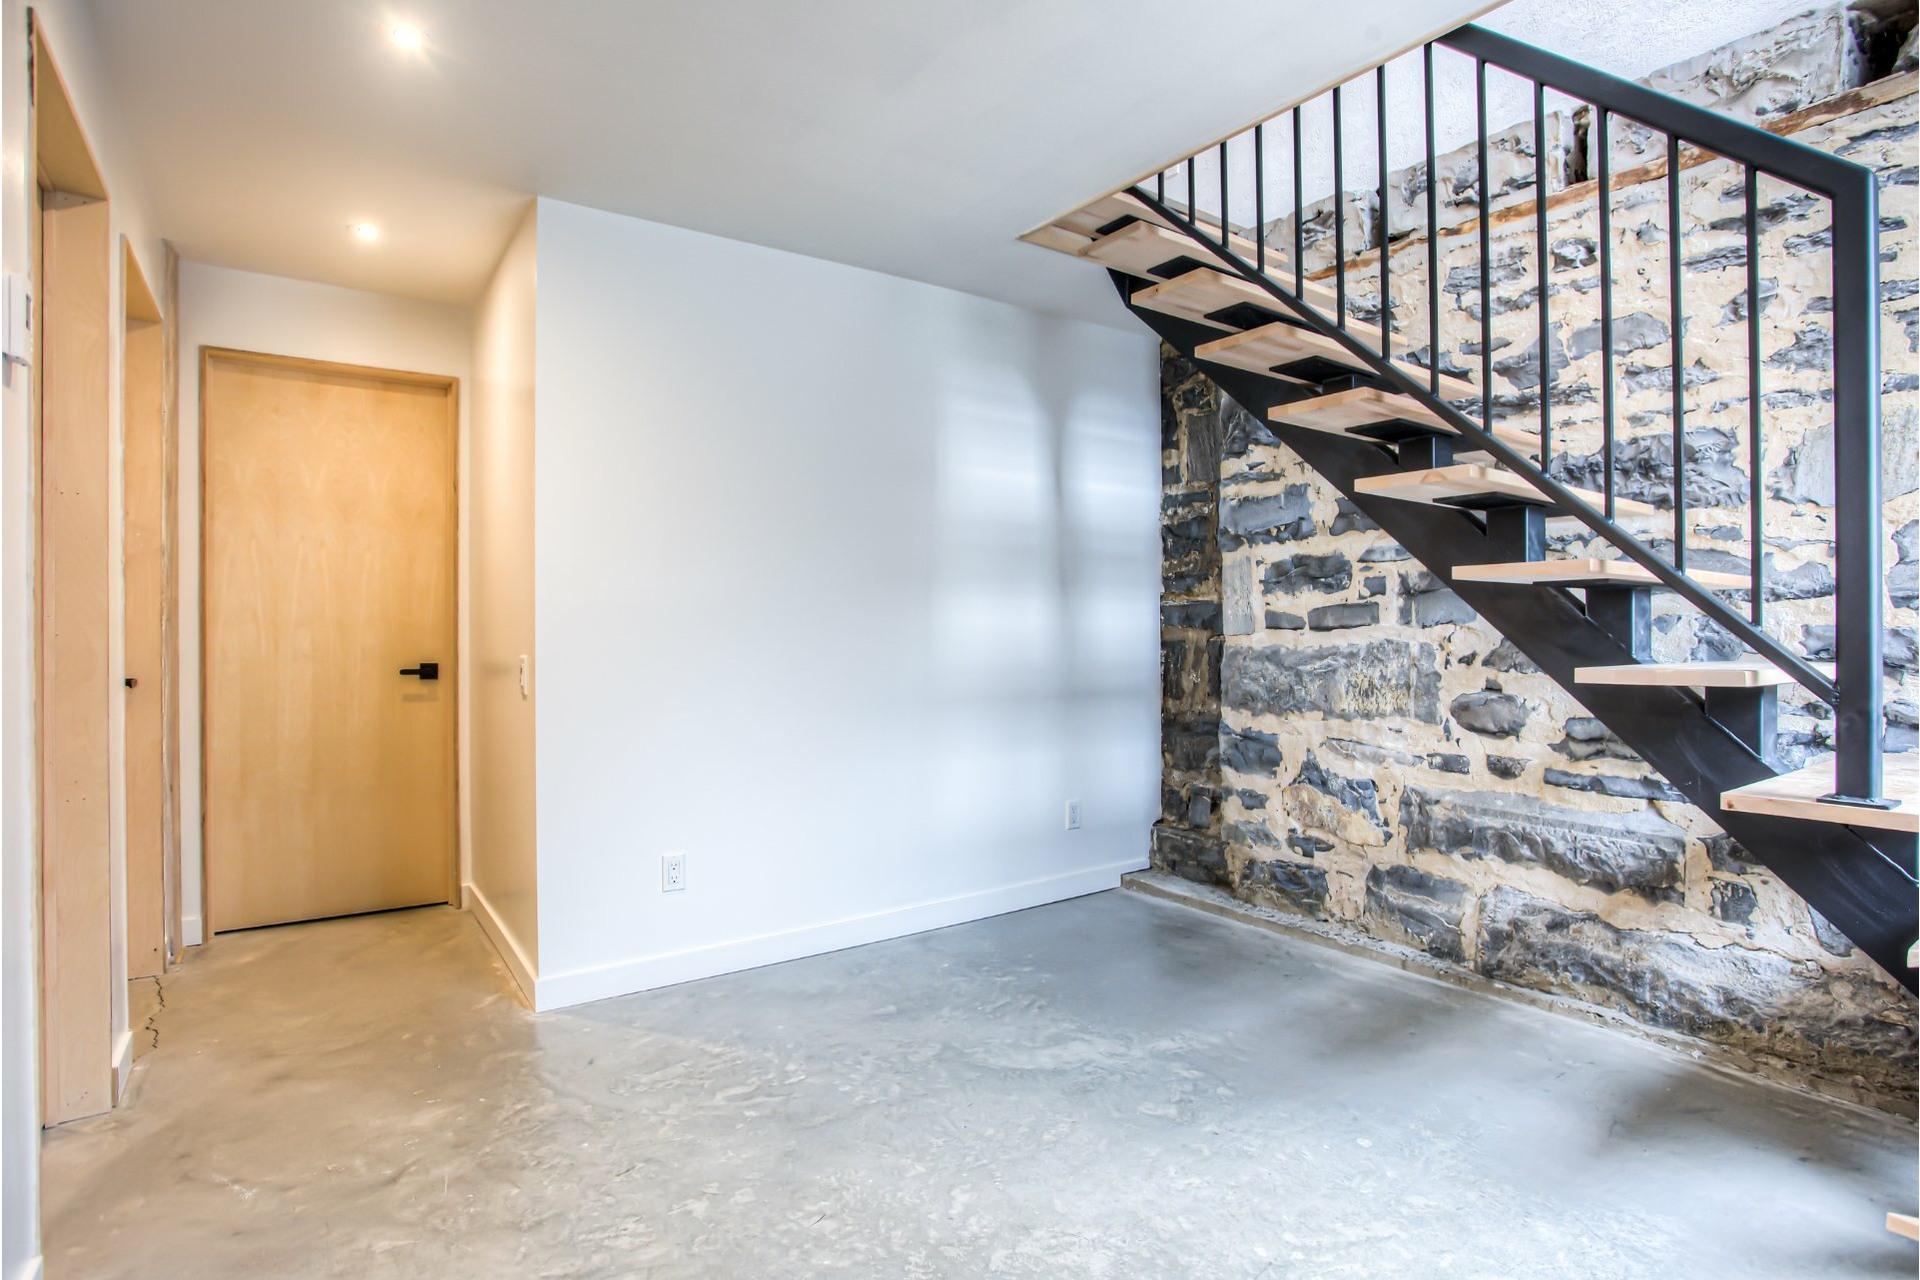 image 27 - Duplex À vendre Mercier/Hochelaga-Maisonneuve Montréal  - 4 pièces